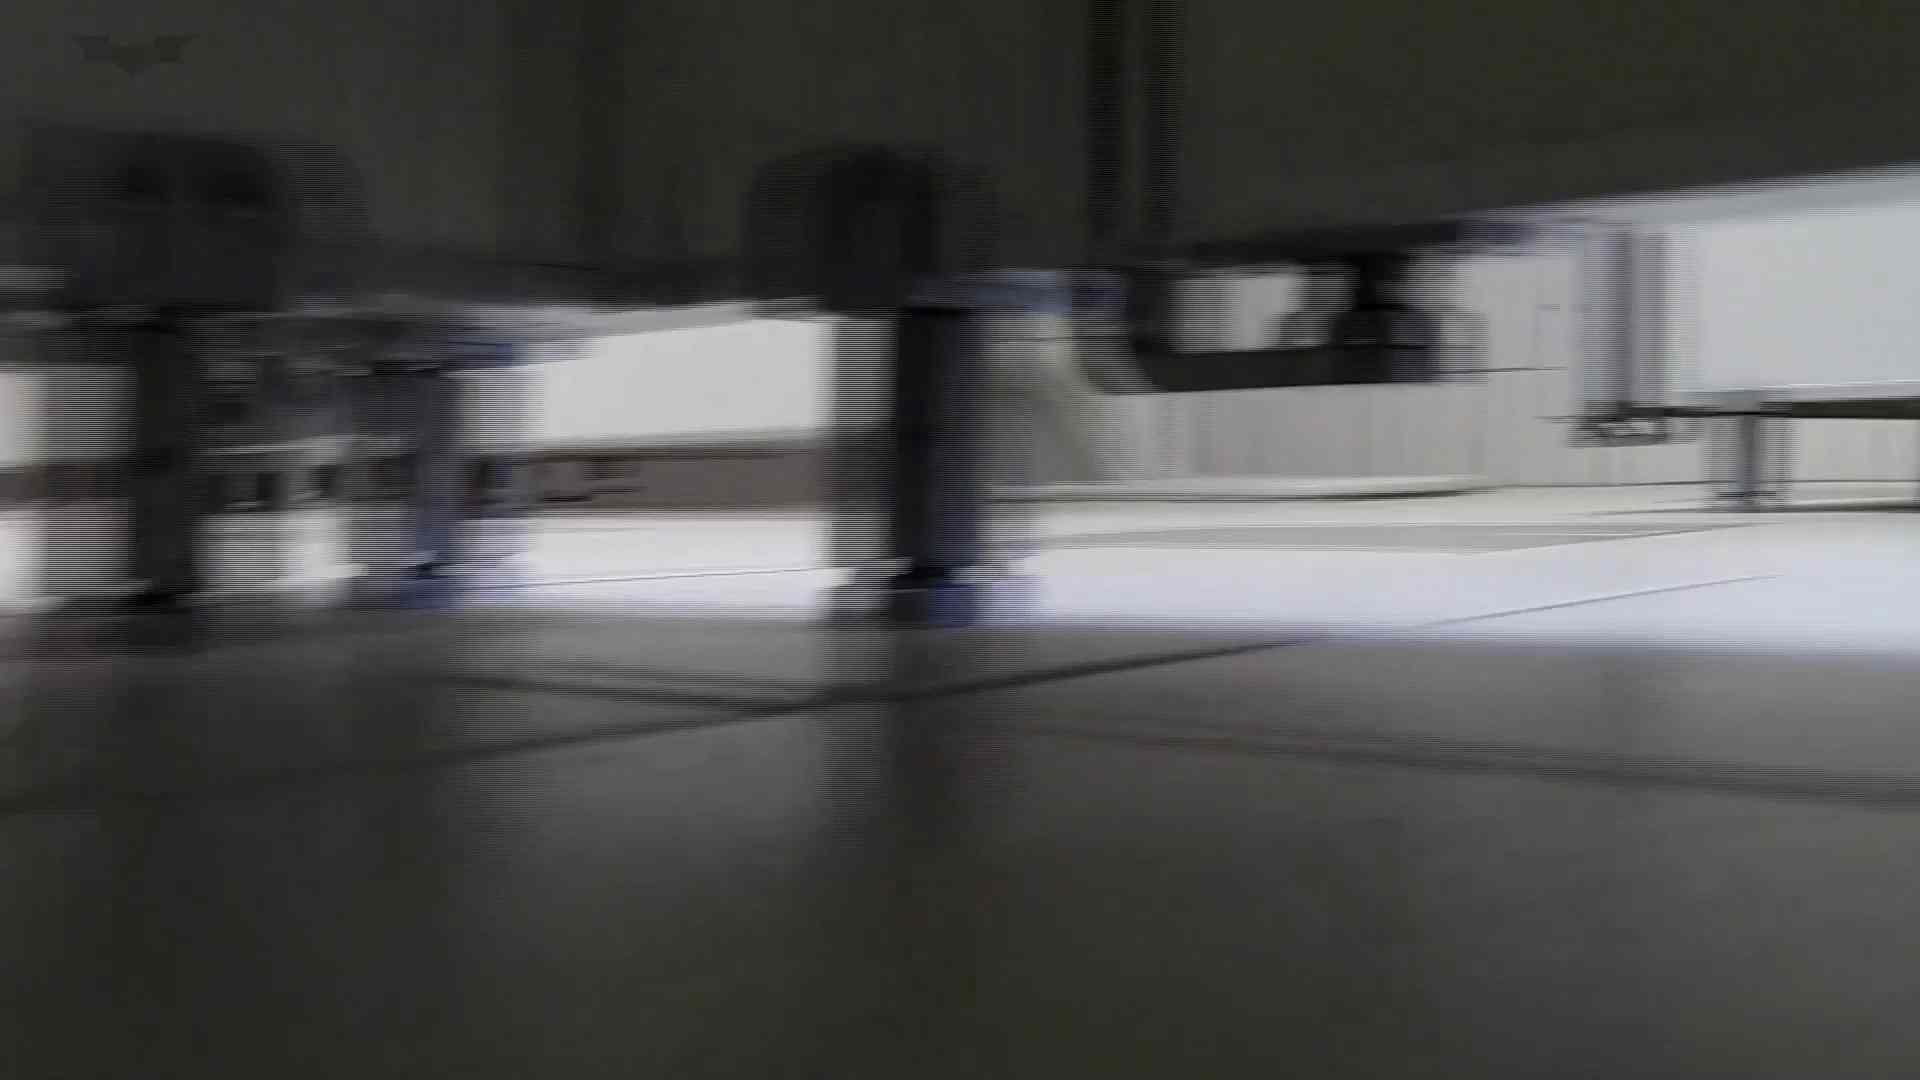 美しい日本の未来 No.29 豹柄サンダルは便秘気味??? 高画質  106枚 6